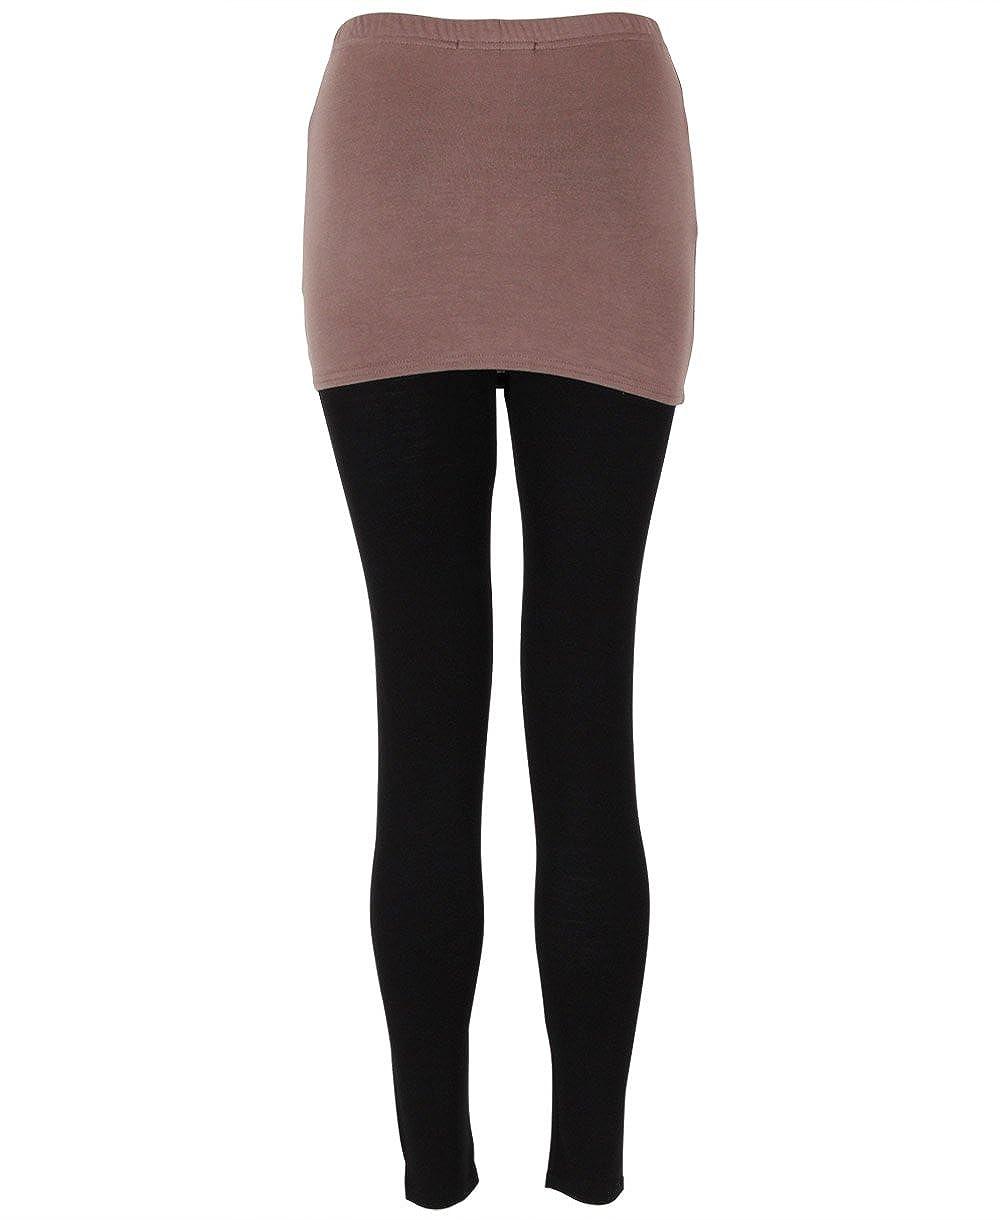 KRISP® Mujeres Legging Falda 2 en 1 Yoga Moca Medium: Amazon ...